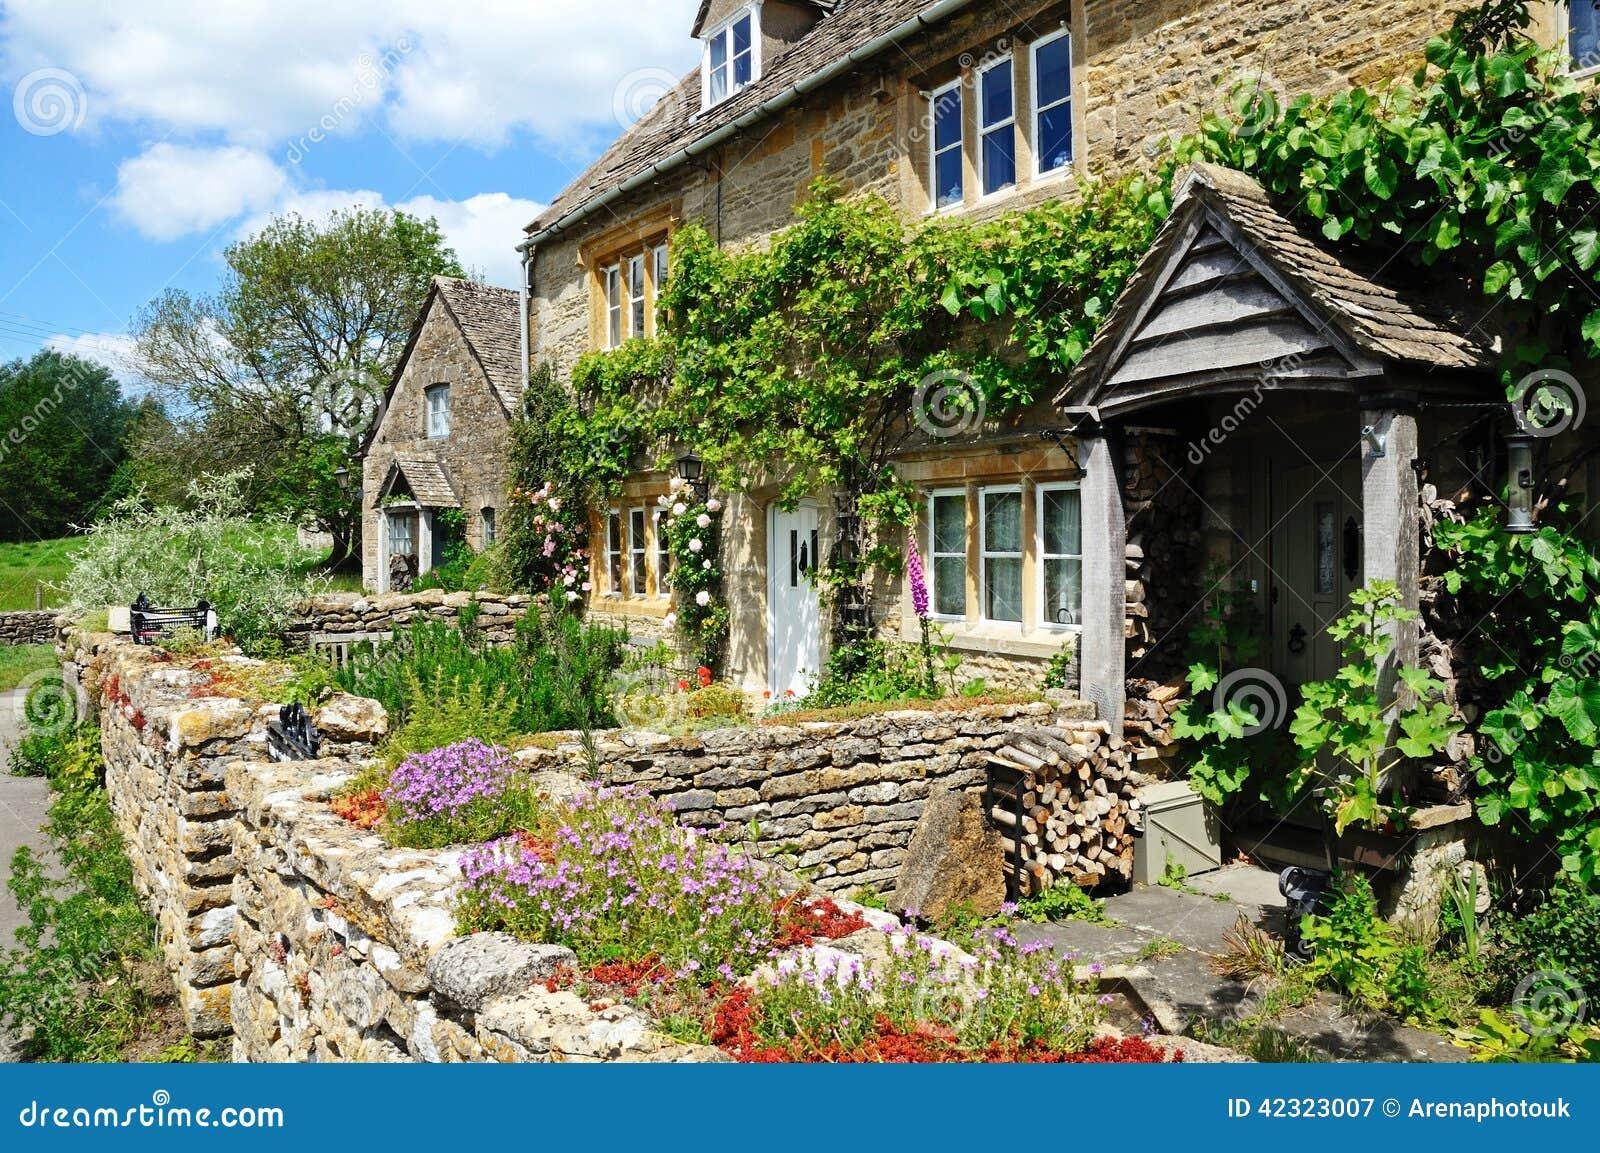 Casas de campo de pedra bonitas mais baixa chacina imagem - Casas de campo bonitas ...